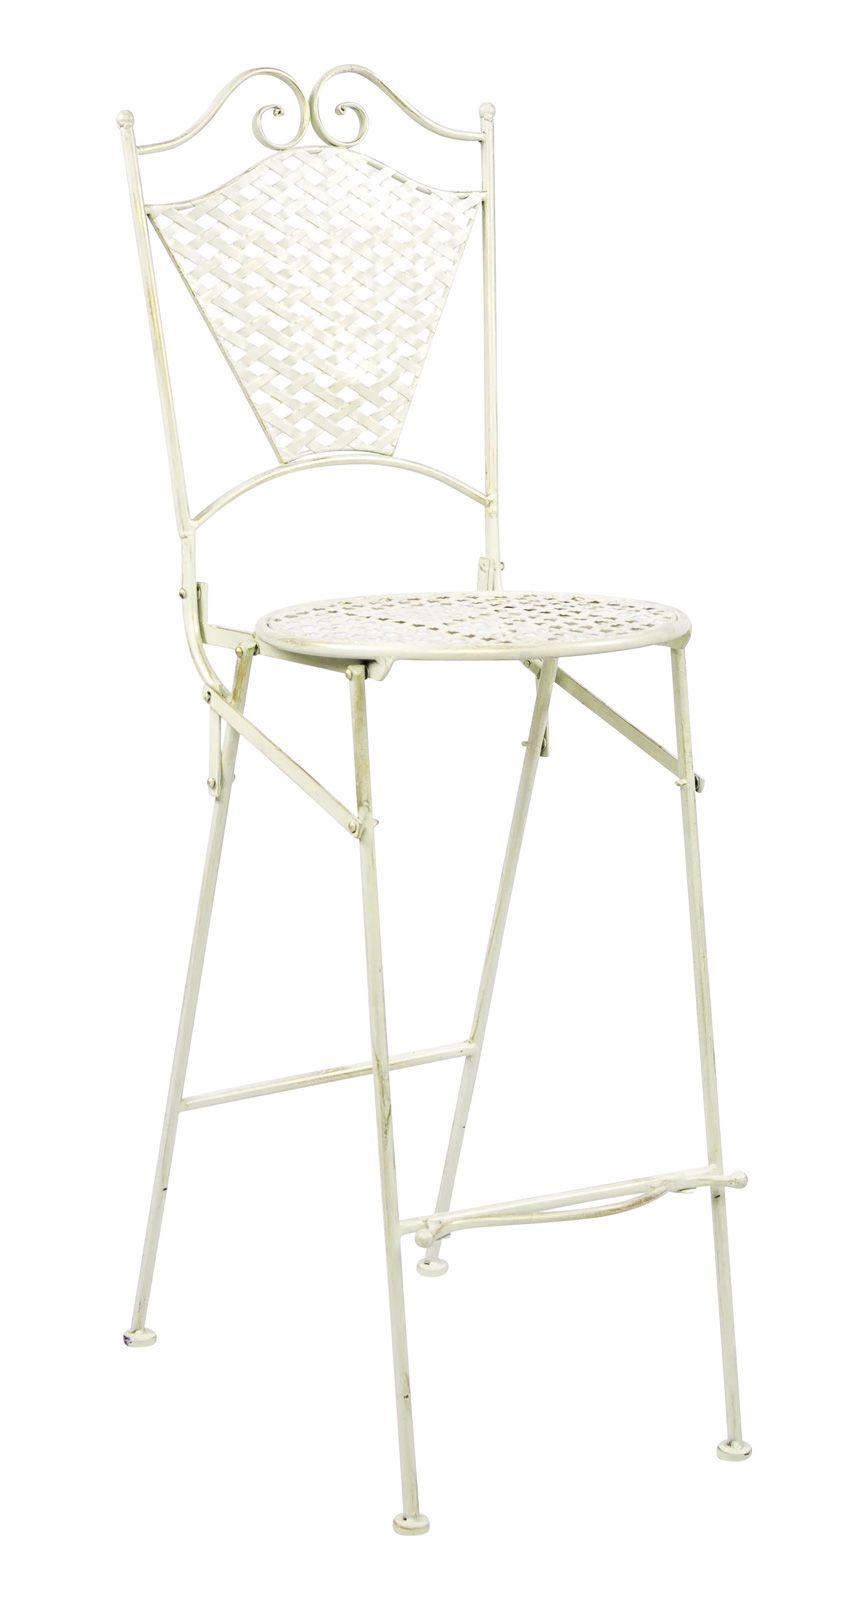 Wunderschöner Gartenstuhl in weiß aus Eisen im Antik-Stil ...